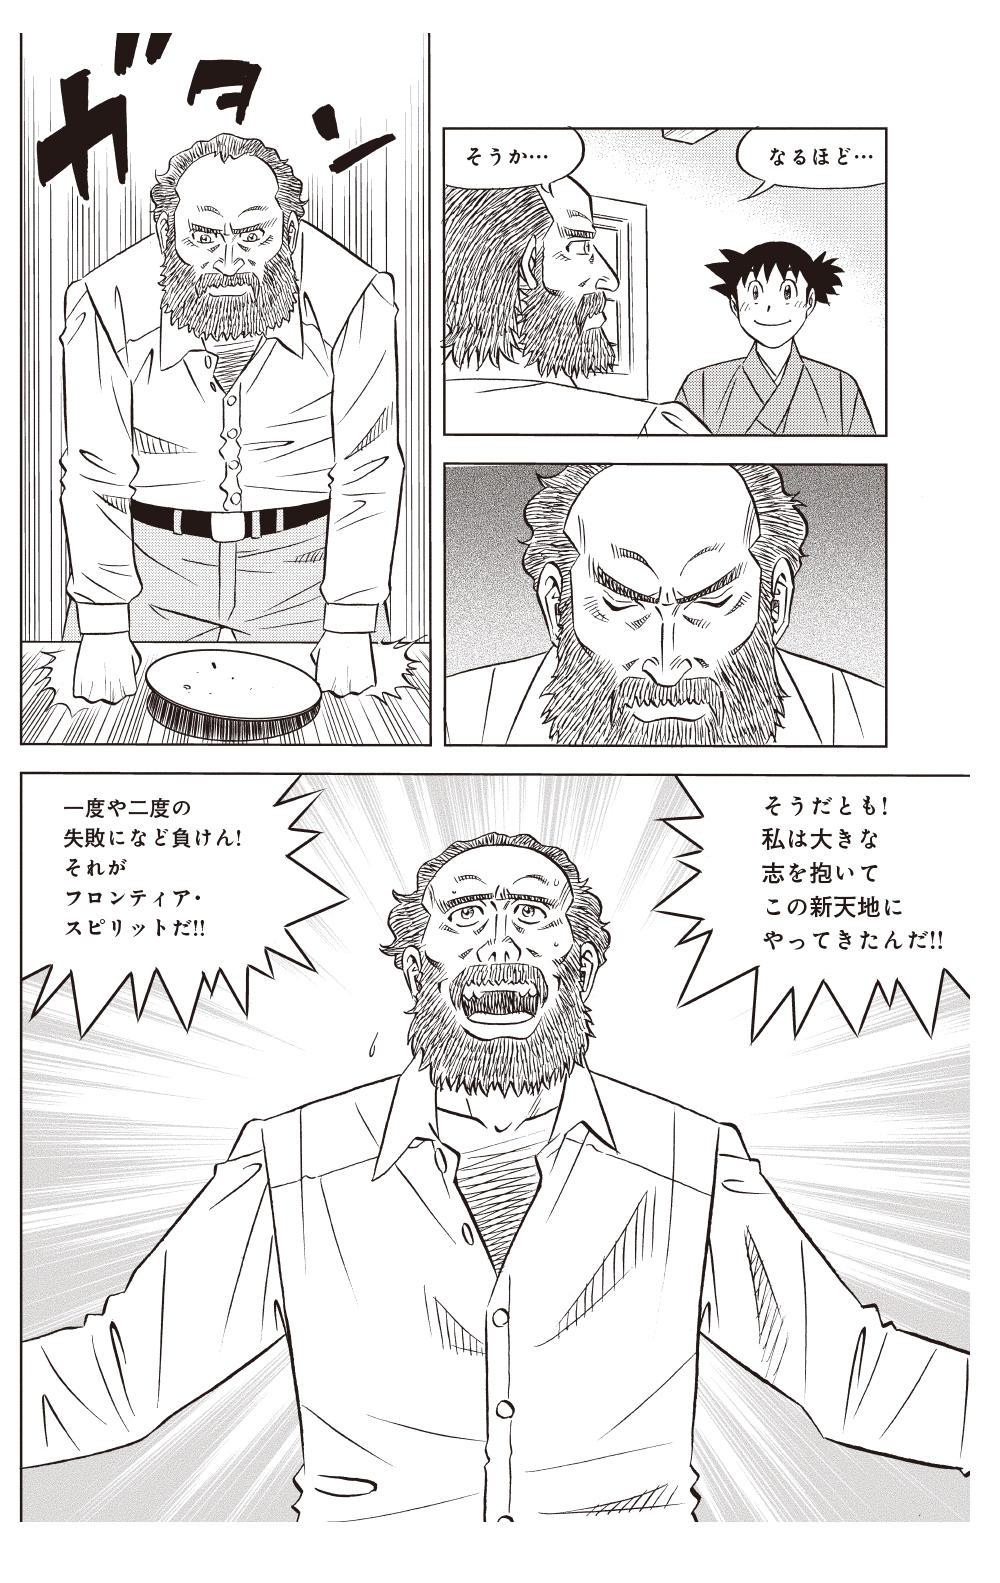 ミスター味っ子 幕末編 第3話「黄金大陸」②ajikko02-104.jpg